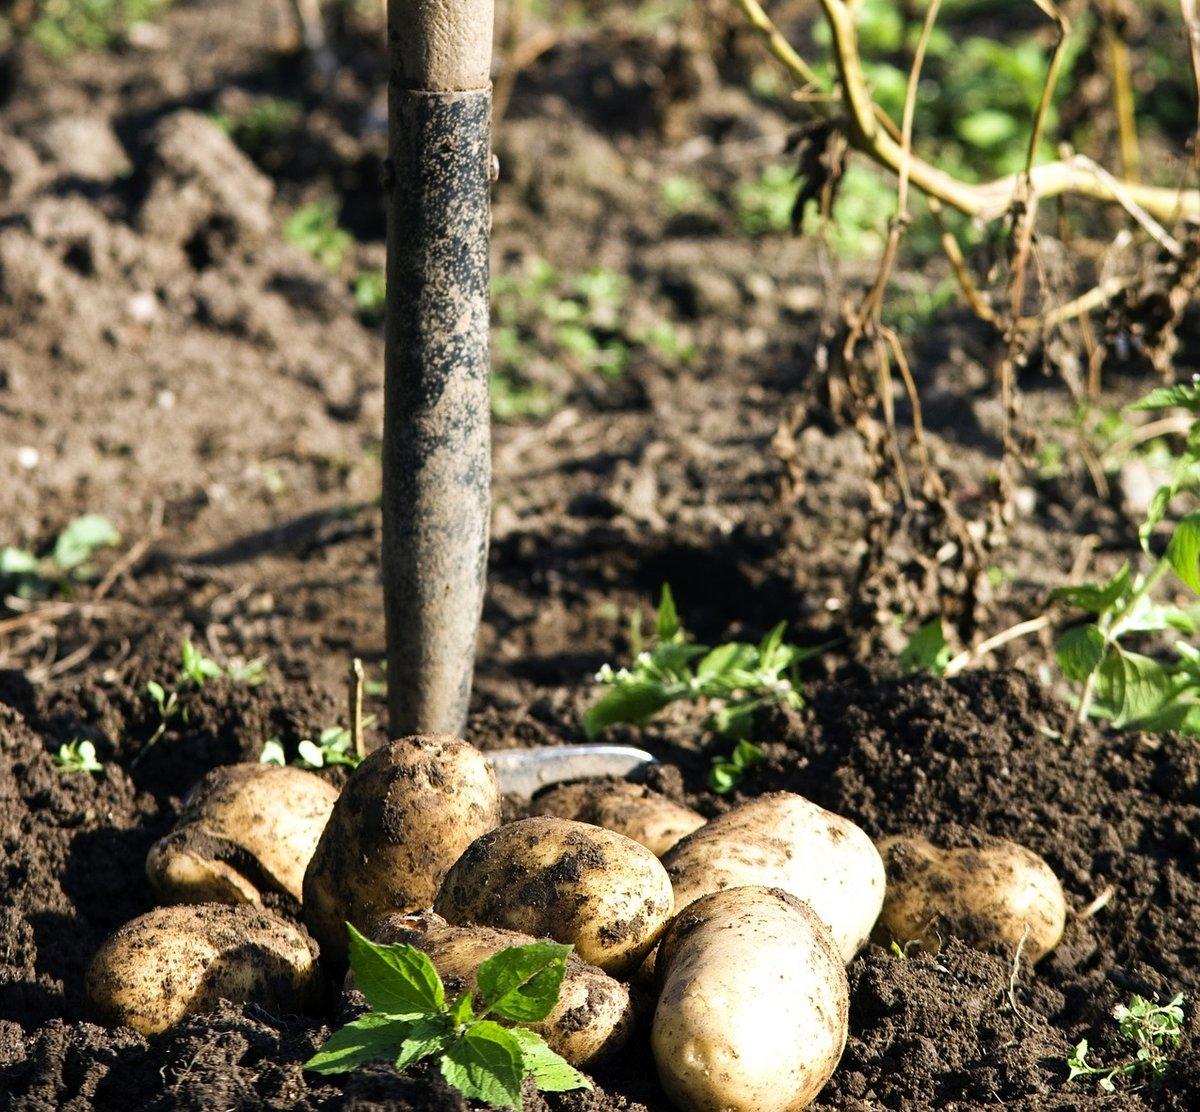 Сонник собиралась копать картошку. к чему снится собиралась копать картошку видеть во сне - сонник дома солнца